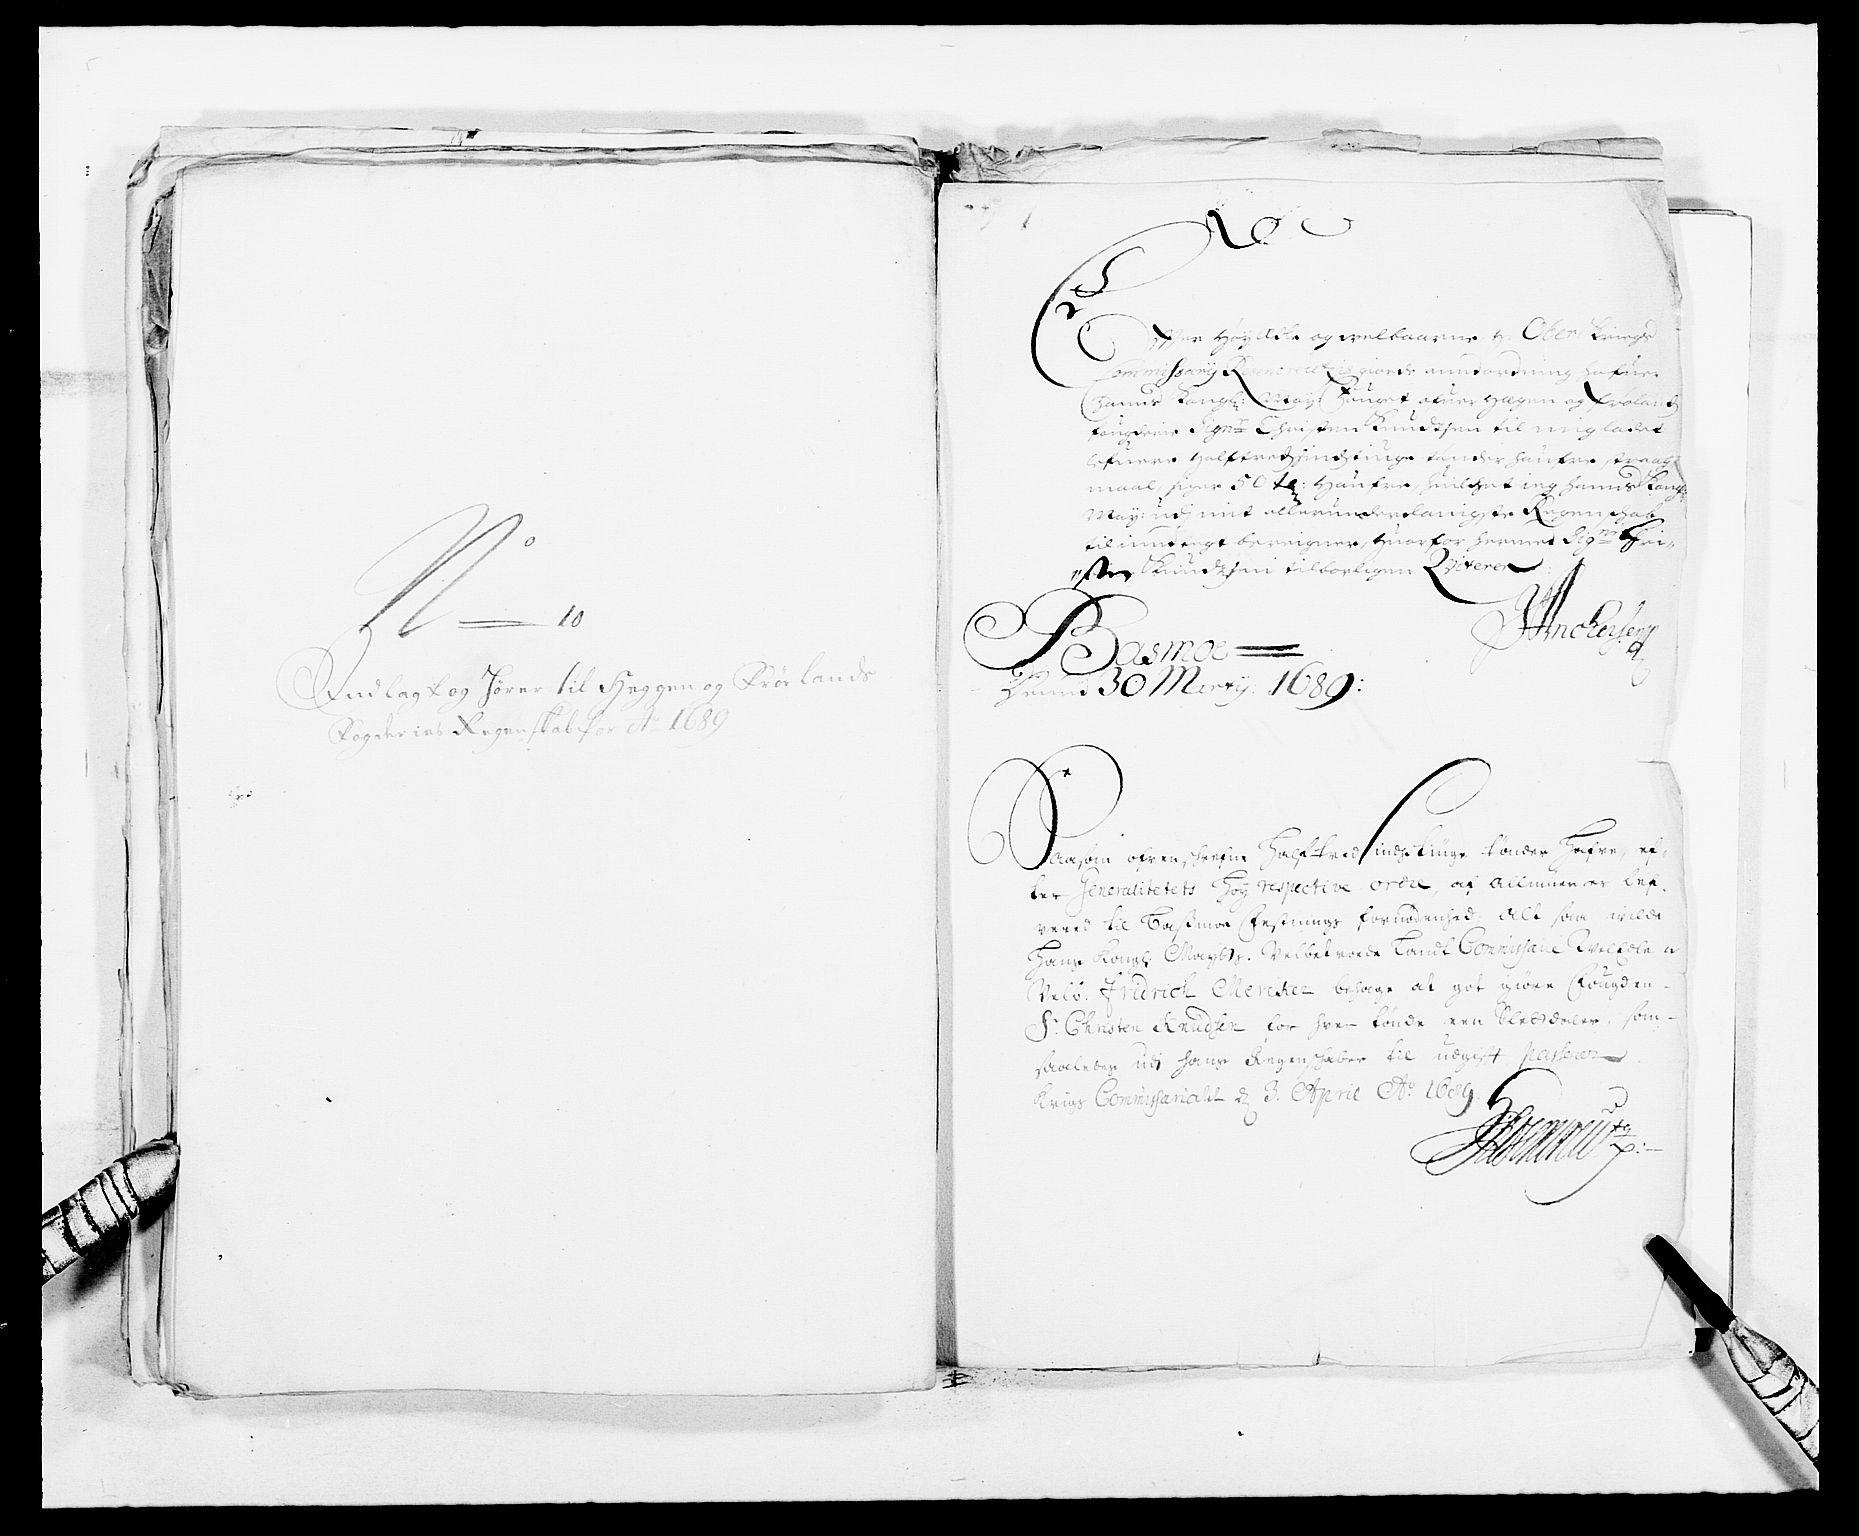 RA, Rentekammeret inntil 1814, Reviderte regnskaper, Fogderegnskap, R06/L0282: Fogderegnskap Heggen og Frøland, 1687-1690, s. 183